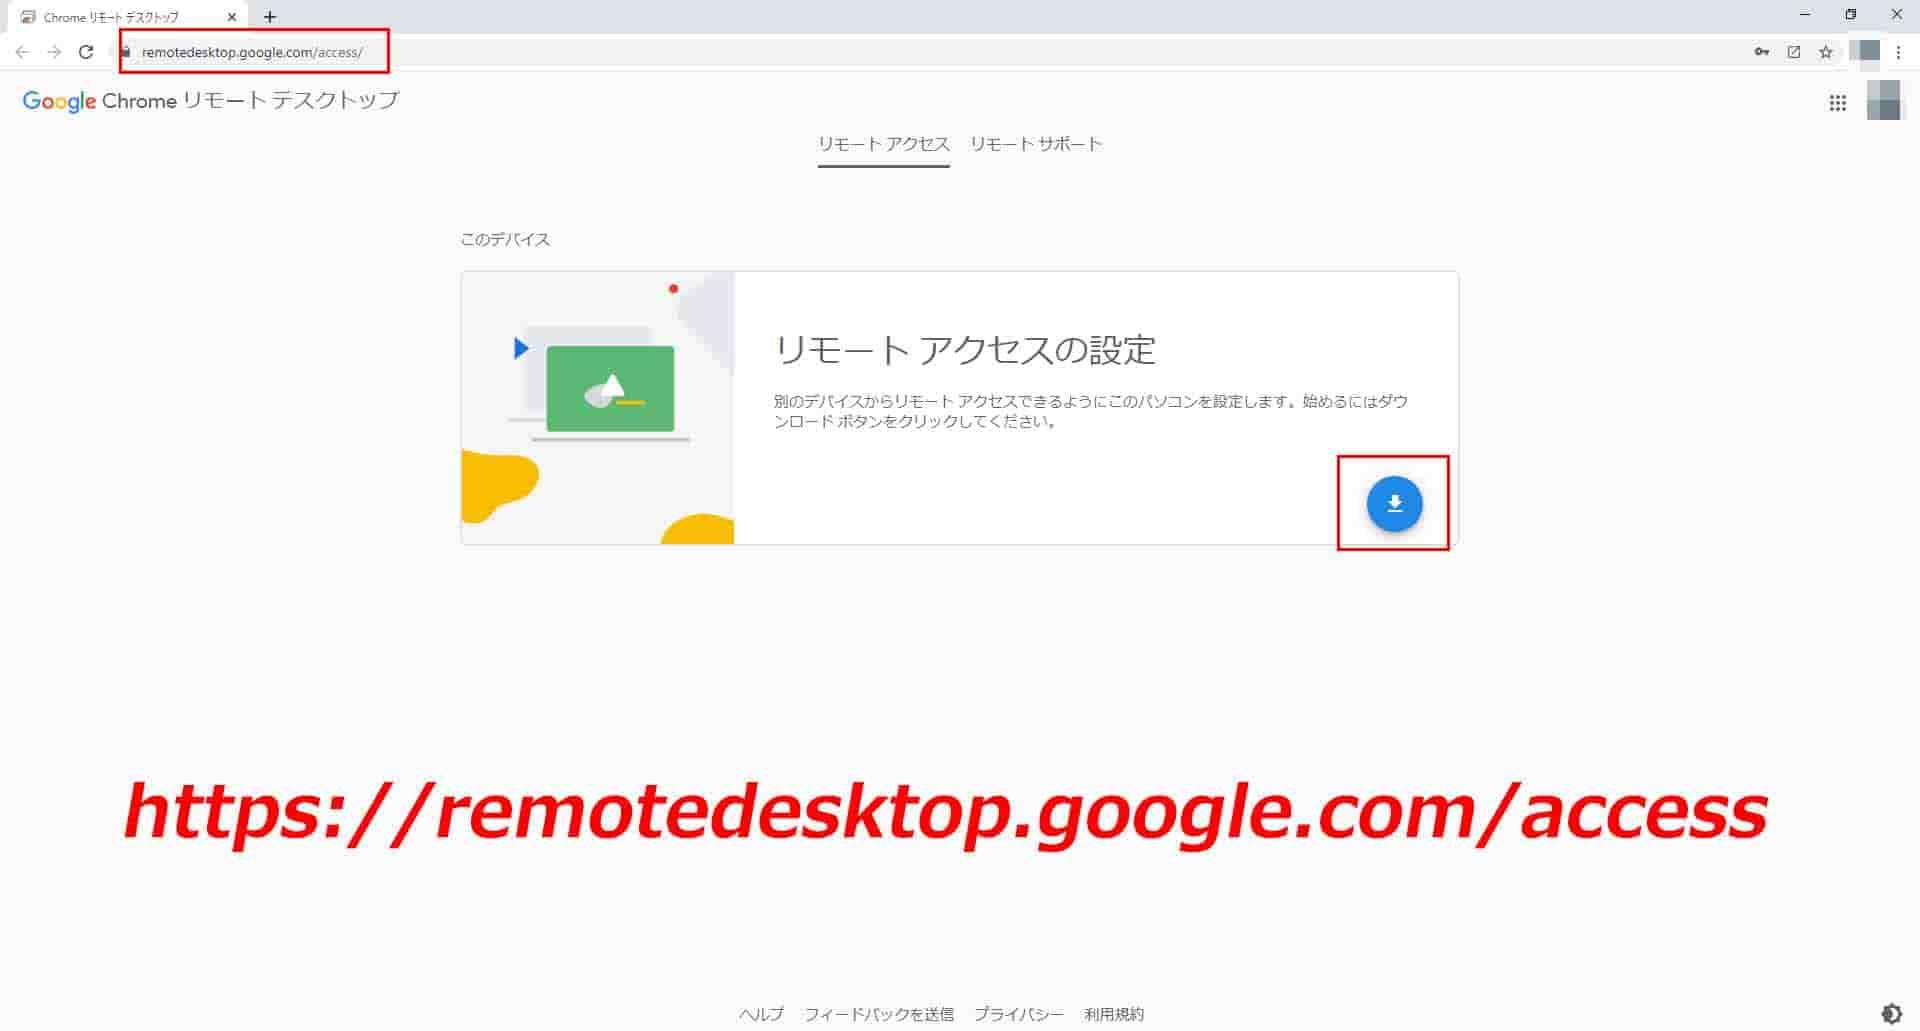 ChromeブラウザにリモートデスクトップのURLを入力し、Enterを押す